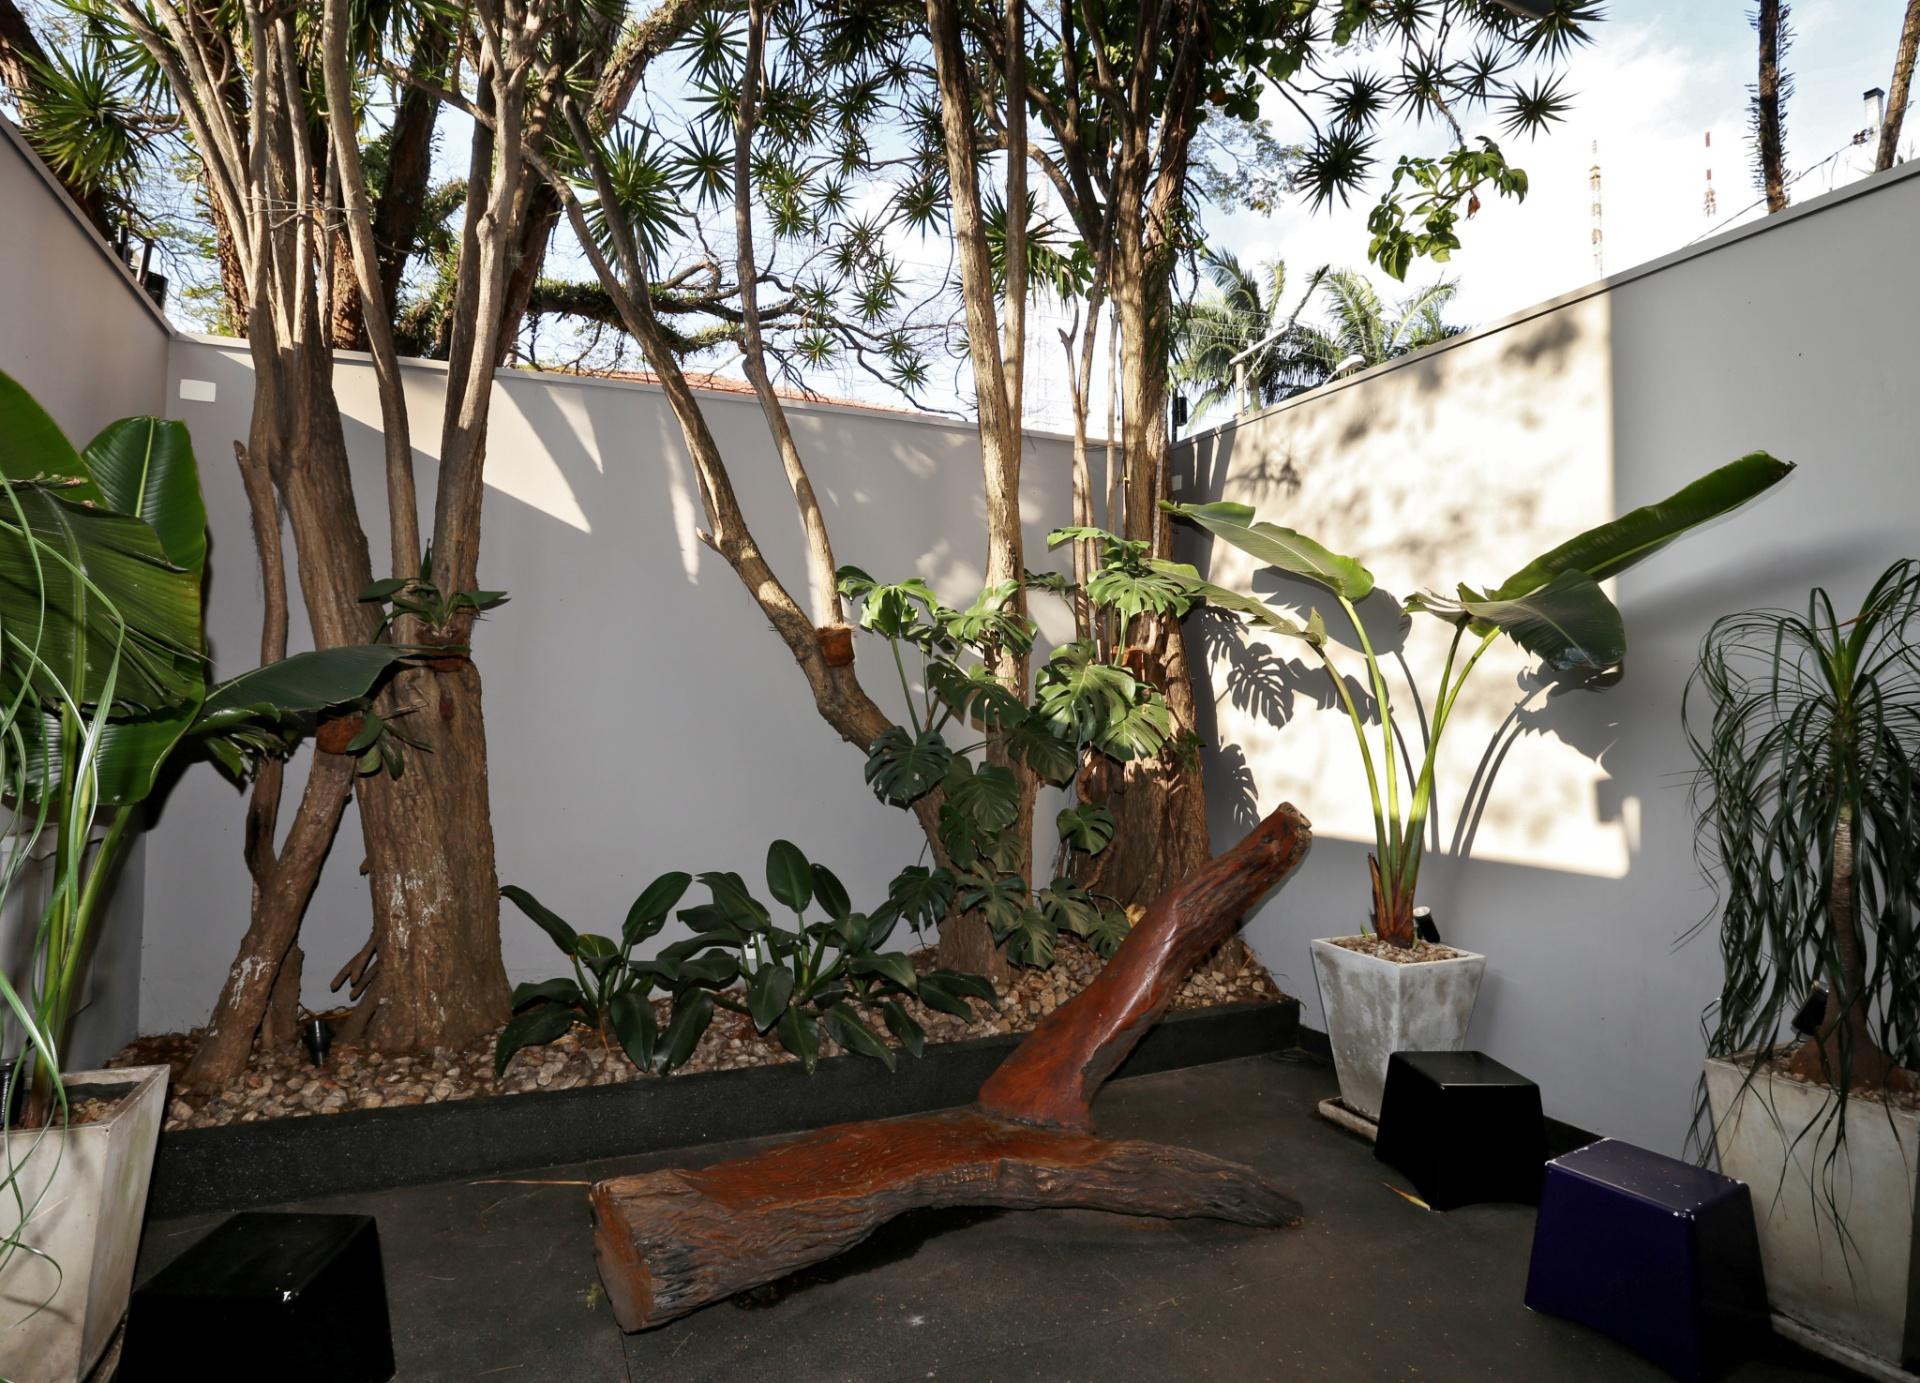 O jardim interno da casa Sumaré é composto por patas de elefante, dracenas, costelas-de-Adão e pelo banco de madeira da Oficina 7Netos. O piso é de fulget preto (granito lavado) e a reforma foi feita pela arquiteta Renata Popolo